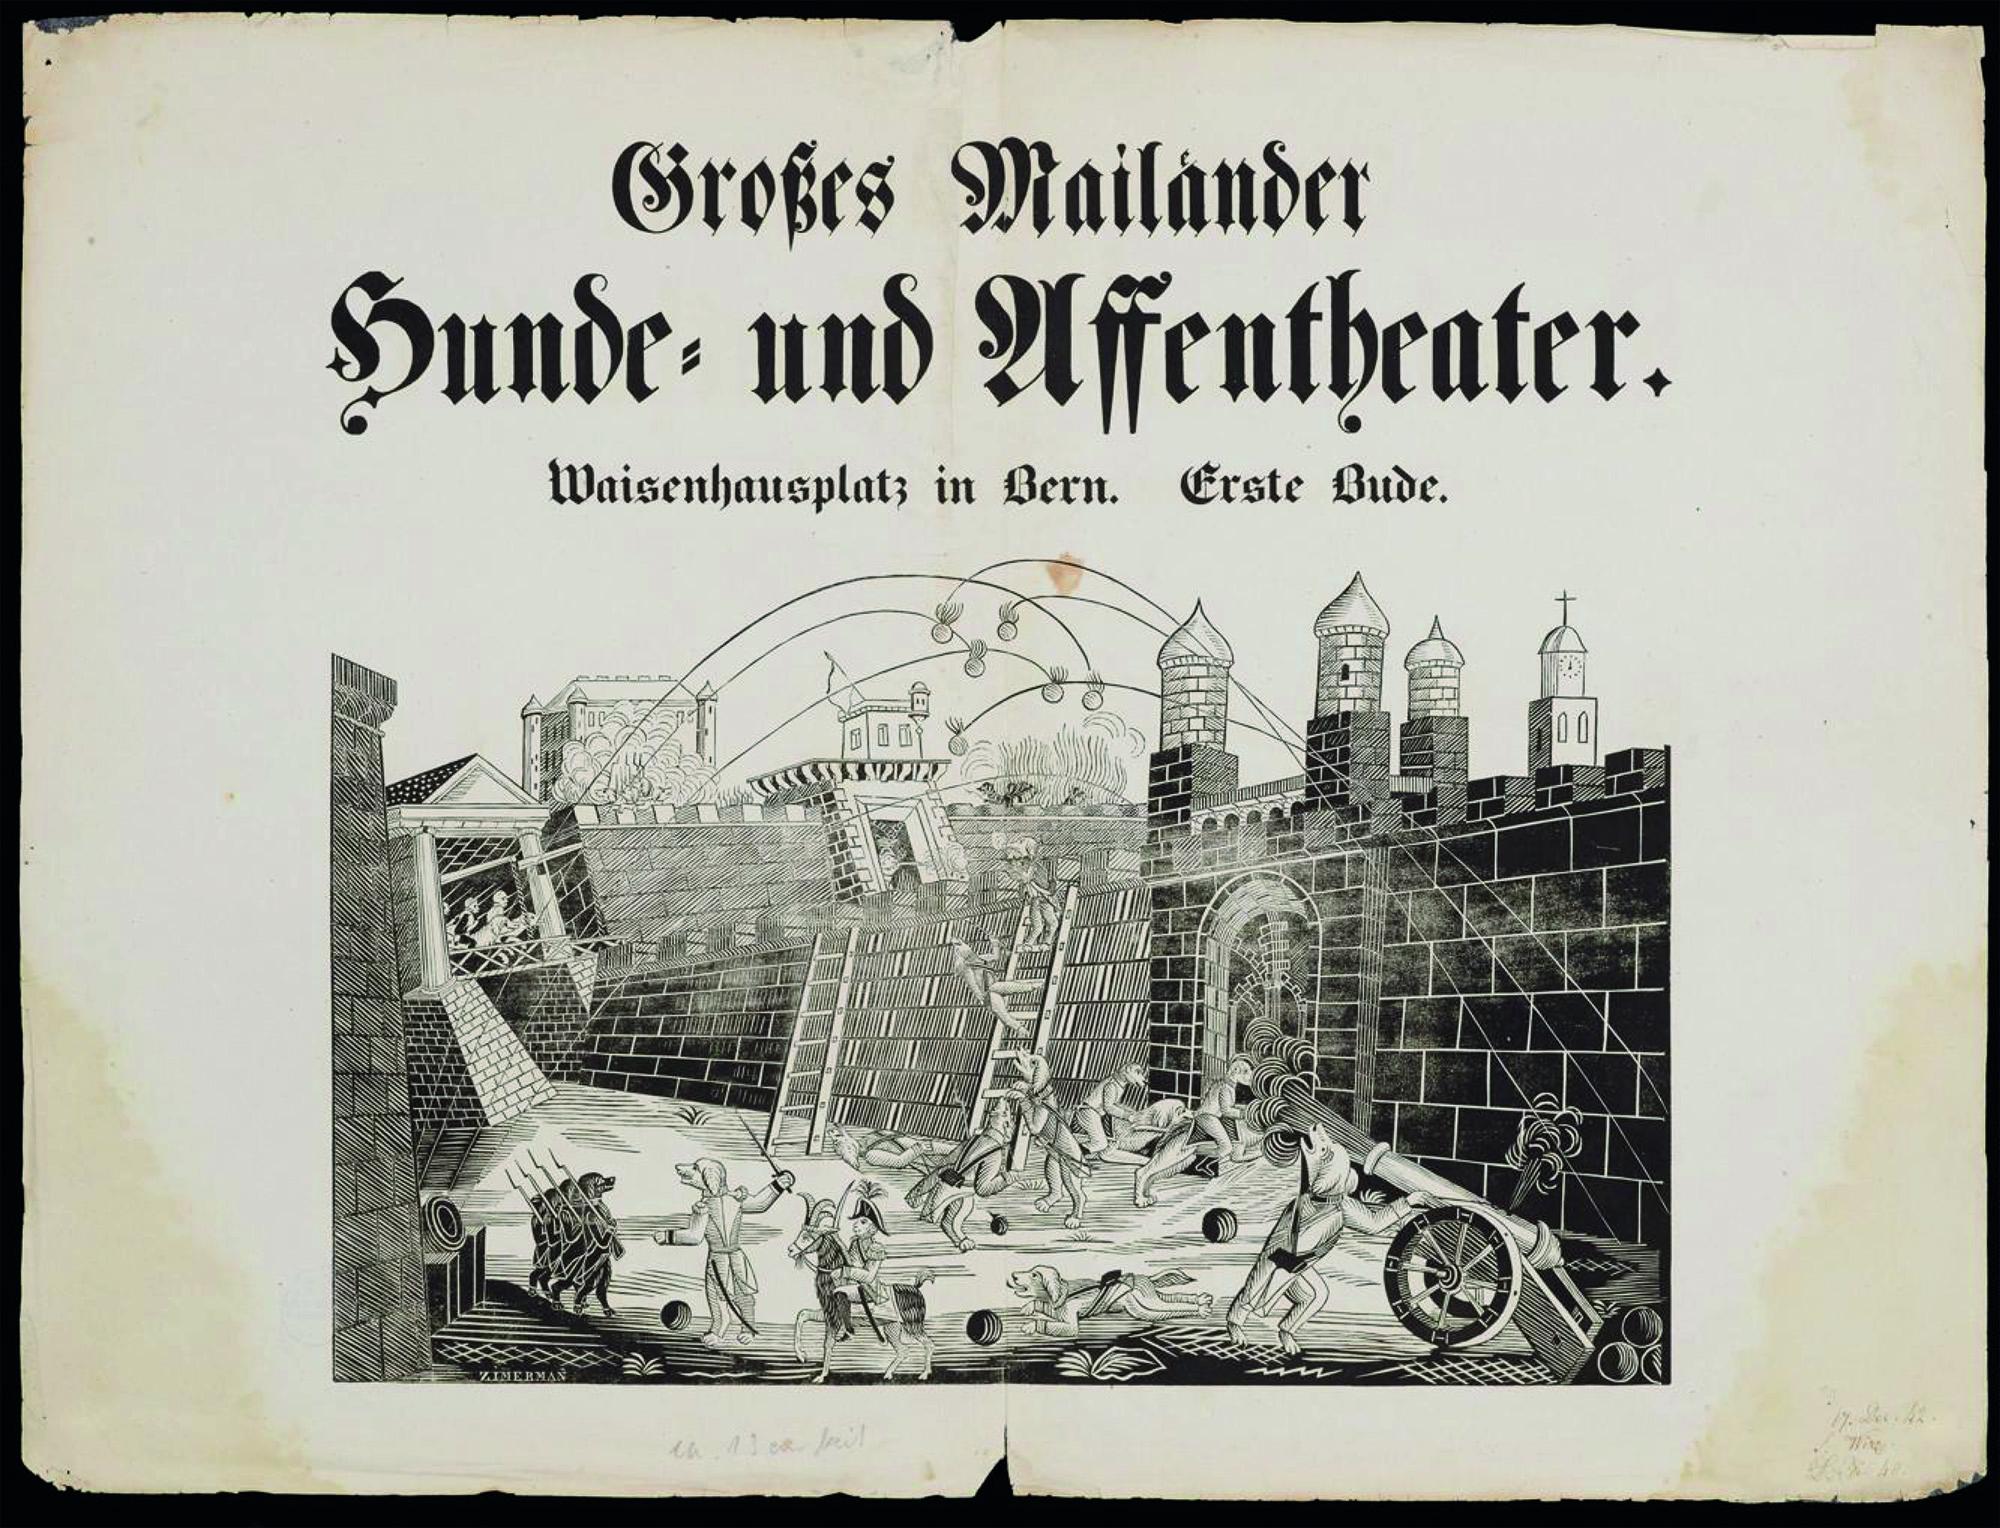 Grosses Mailänder Hunde- und Affentheater von Jakob Corvi auf dem Waisenhausplatz in Bern, 1842. Sammlung Druckbelege Haller, © Universitätsbibliothek Bern.